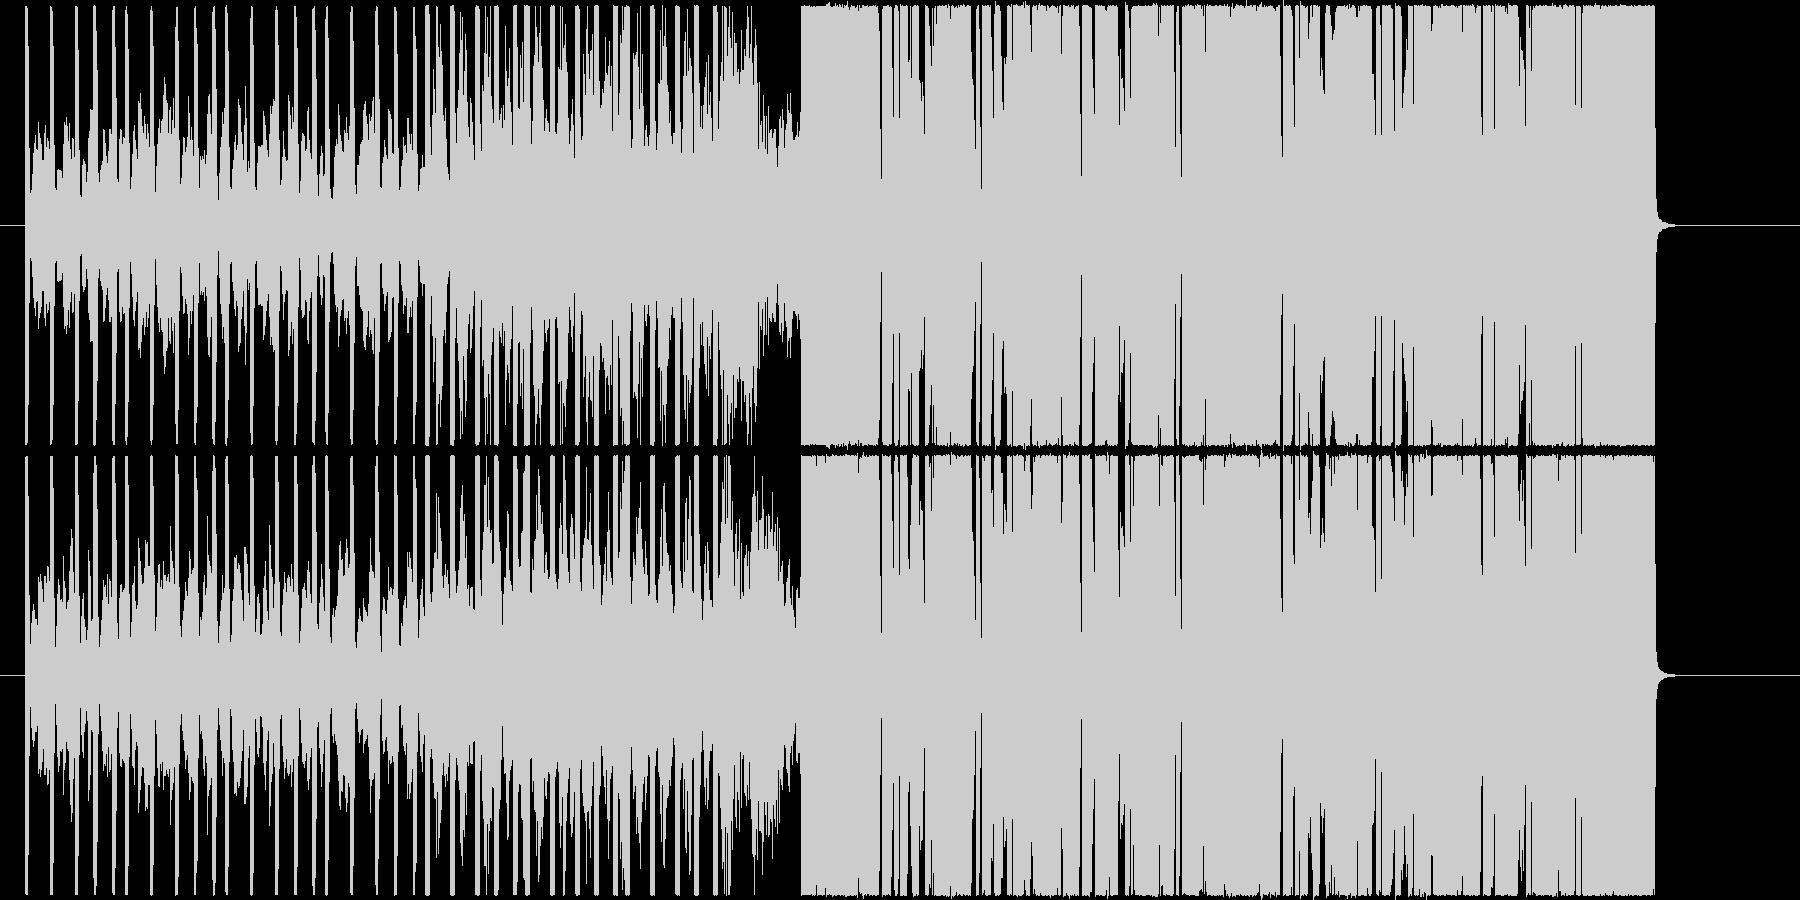 インパクト!エッジとキレのあるEDM曲!の未再生の波形